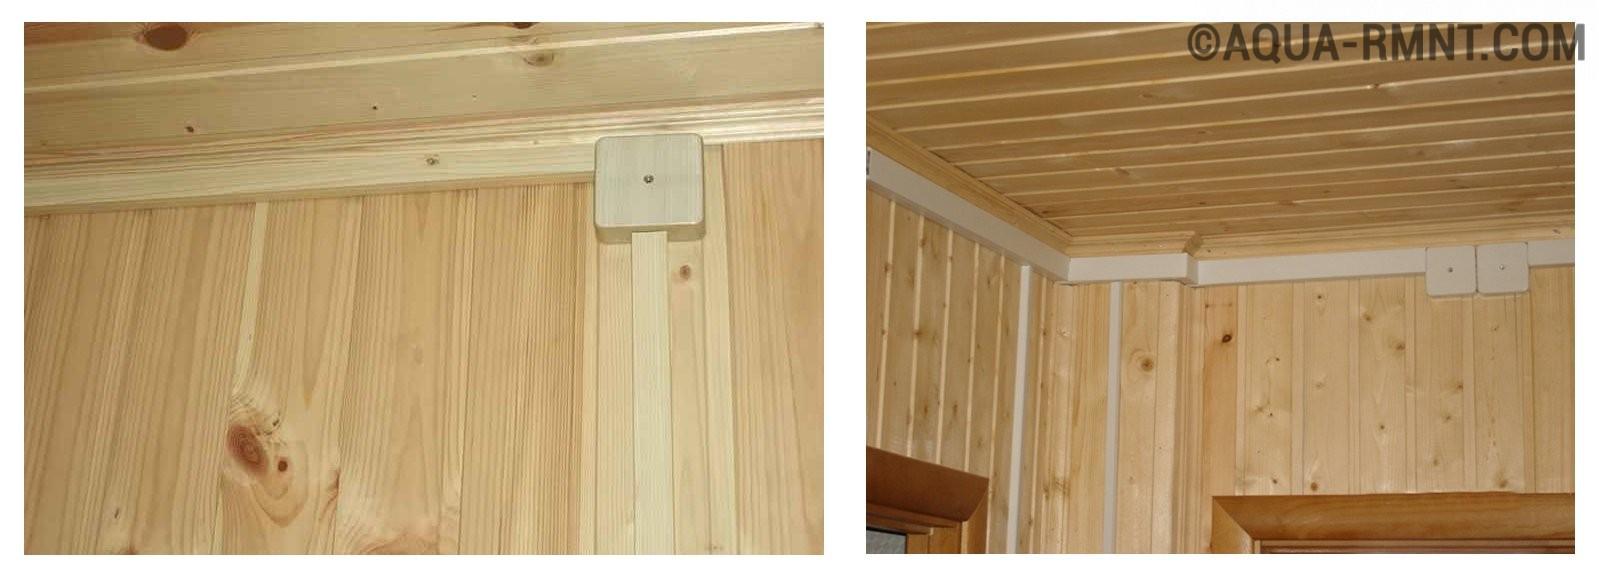 Открытая проводка в жилом доме в кабель-каналах